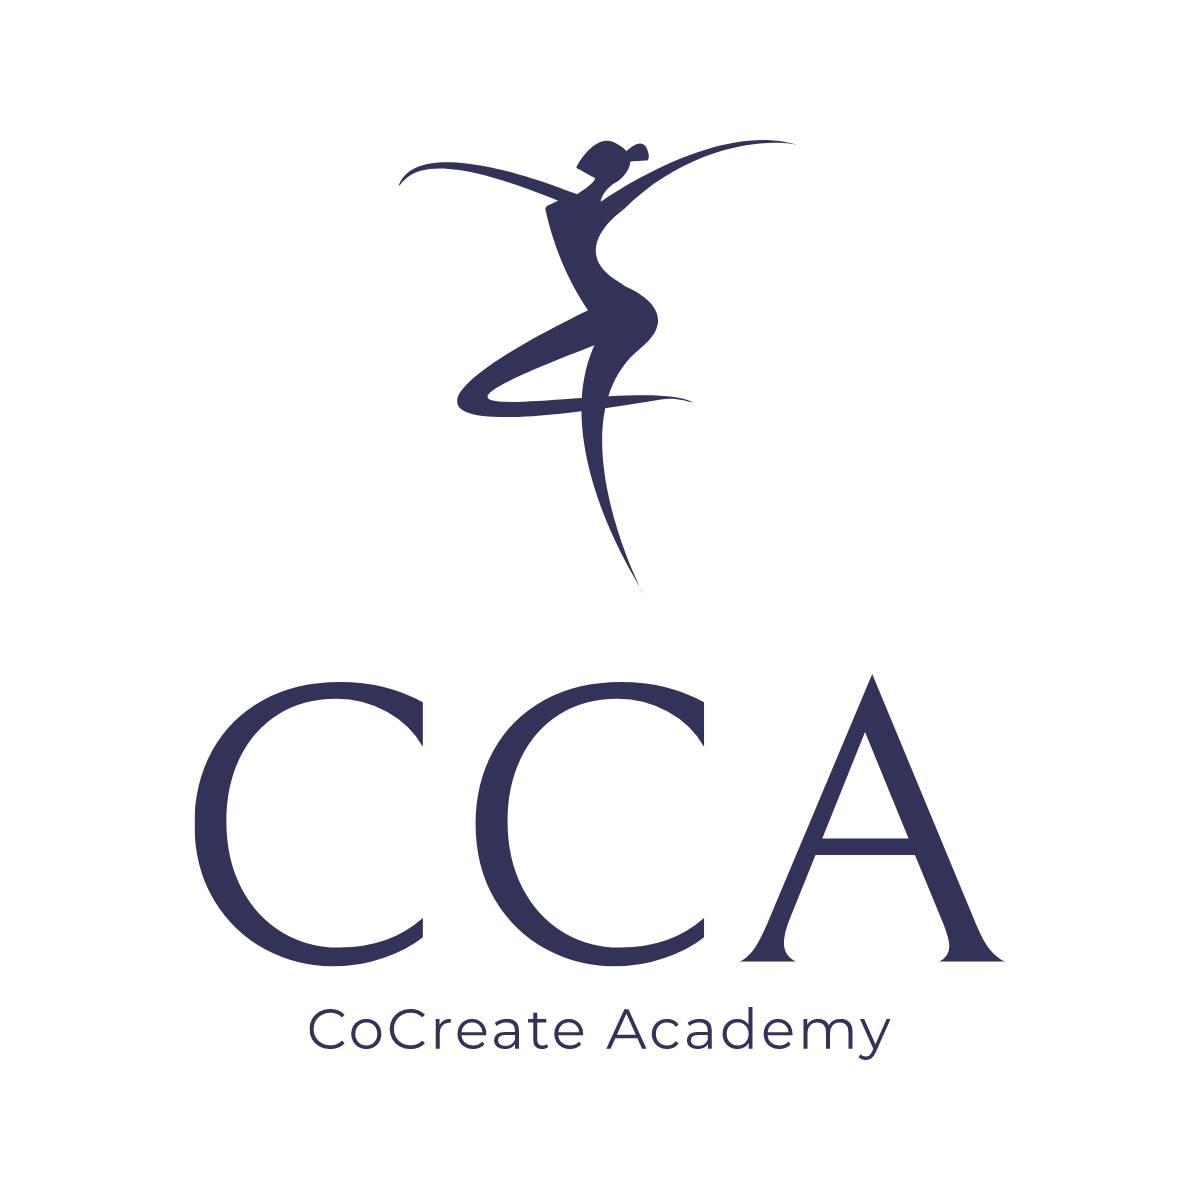 CoCreate Academy: The Creative Arts & Dance Academy's logo